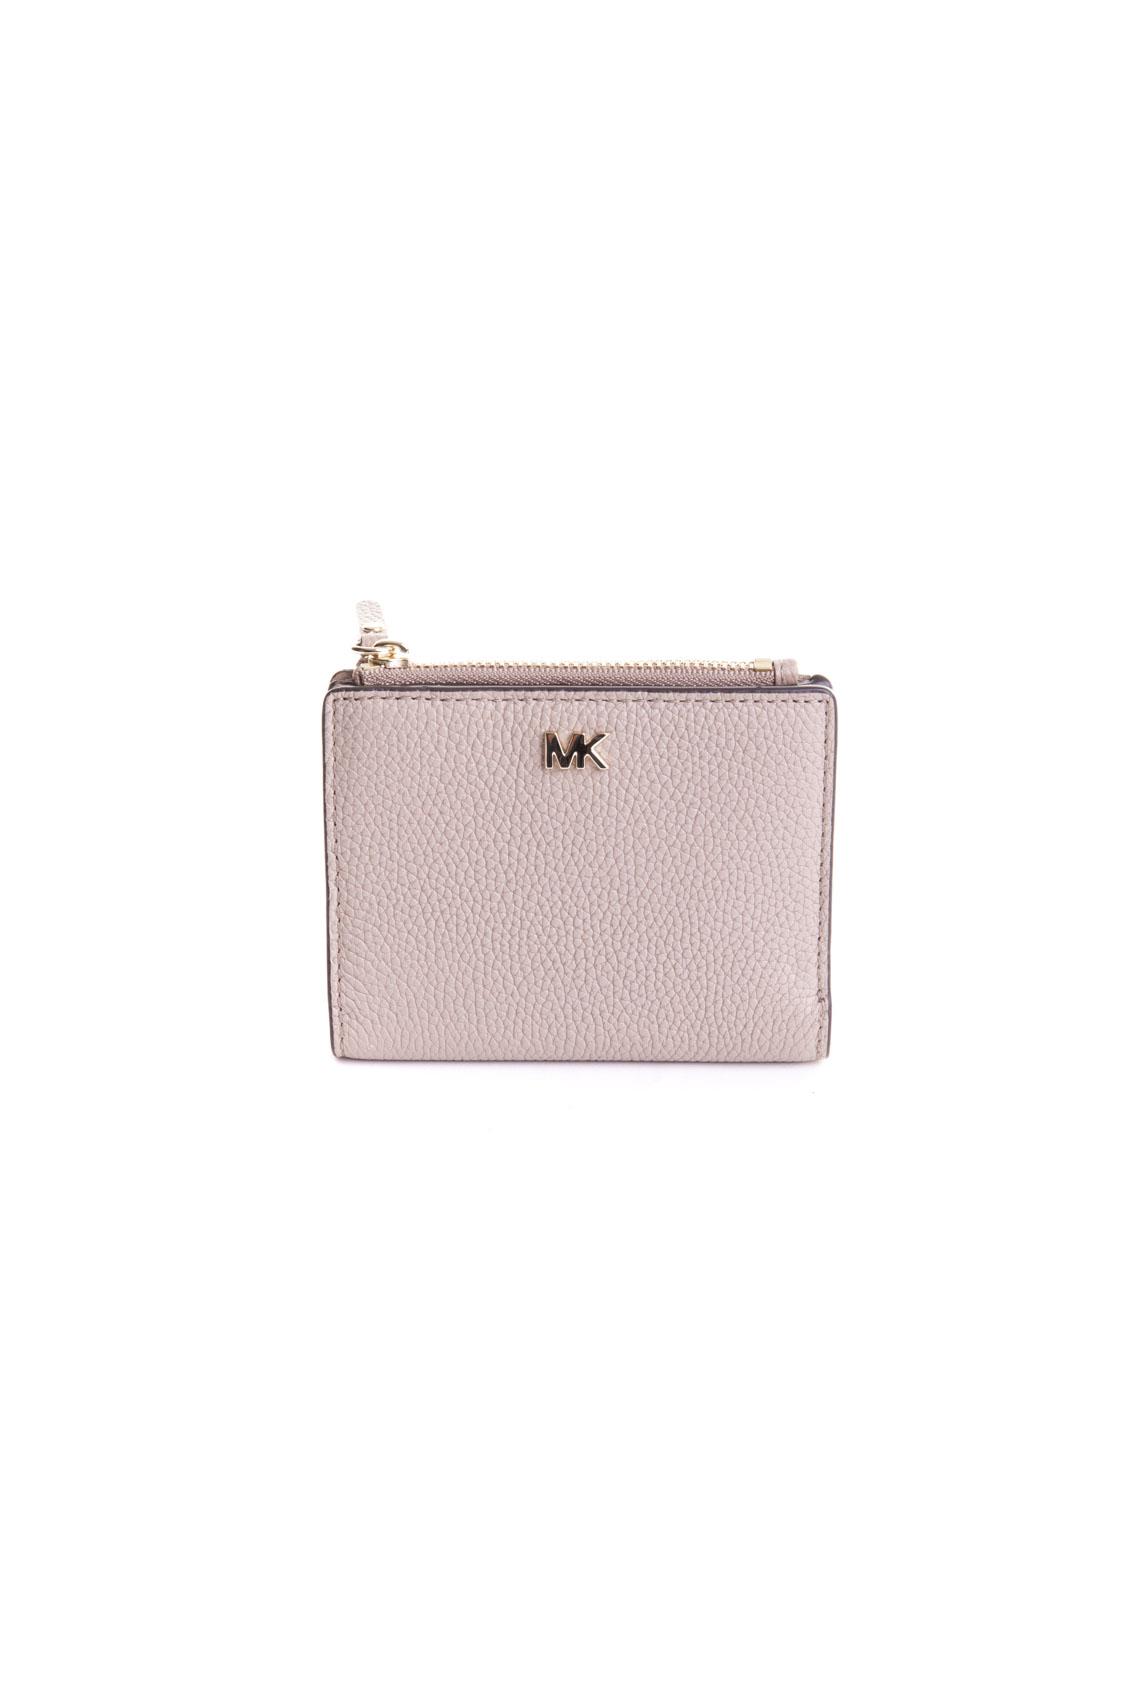 c9d413972911 MICHAEL KORS COIN PURSE MERCER light pink